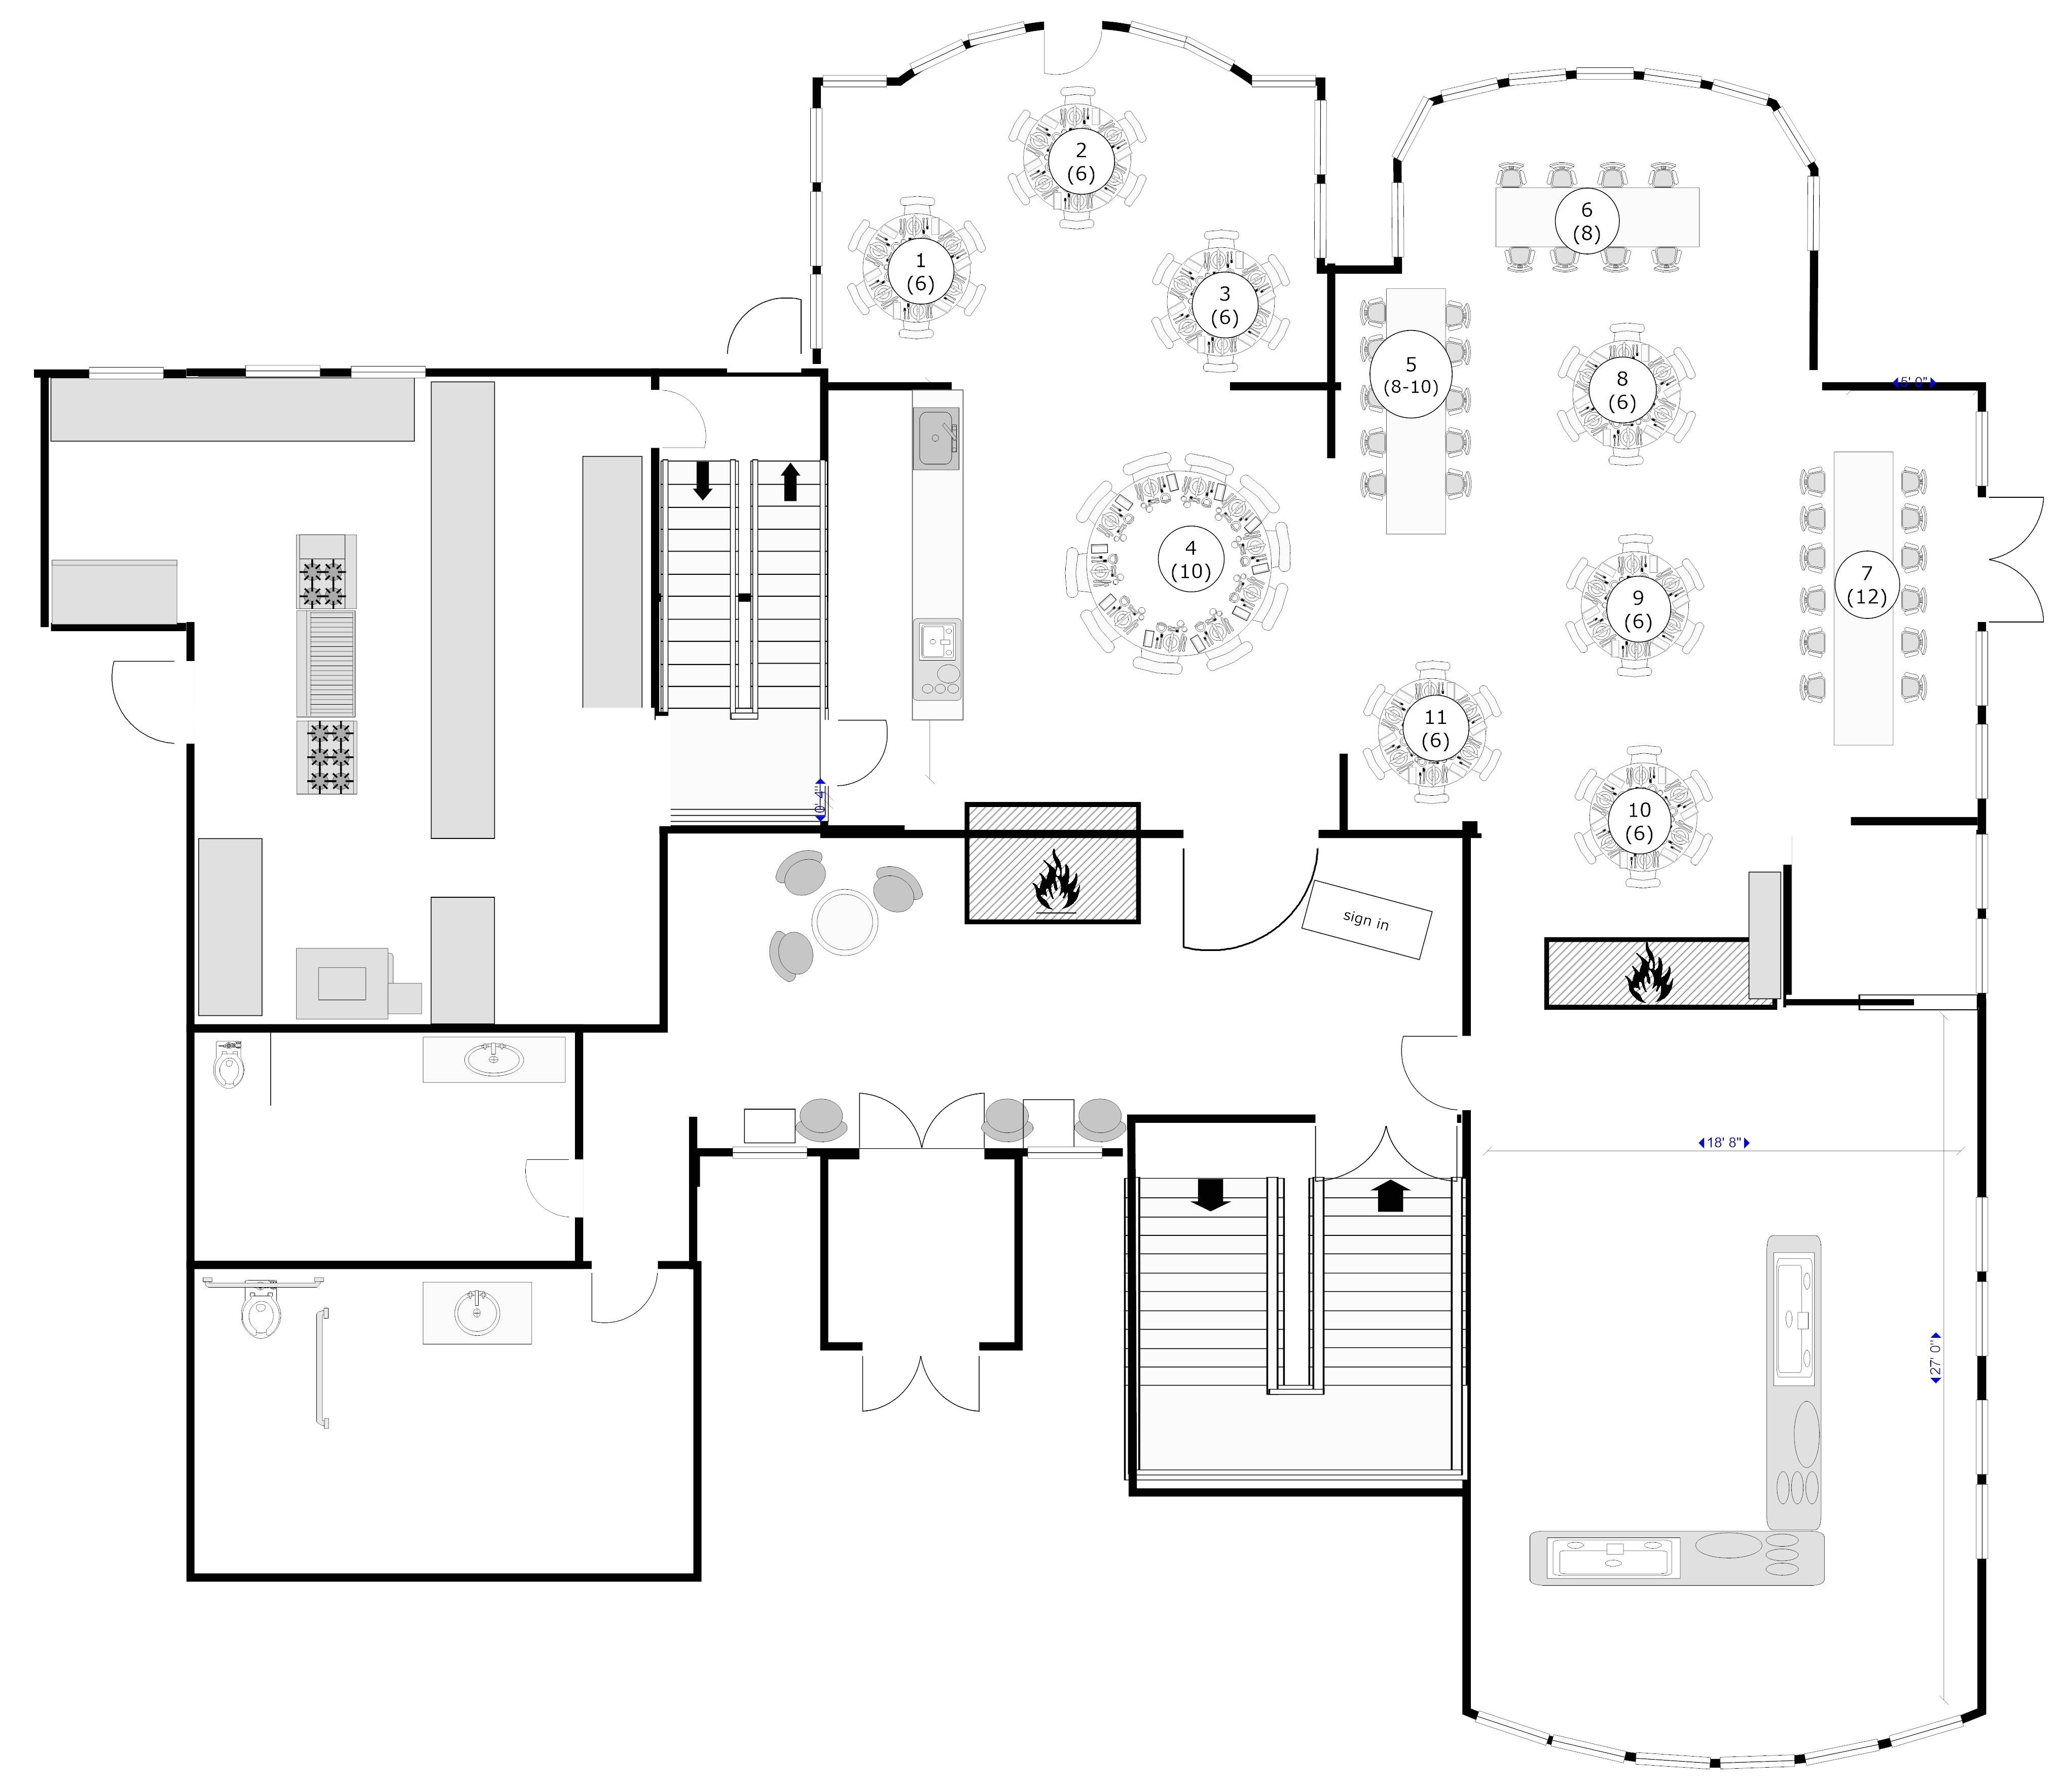 tk homes floor plans